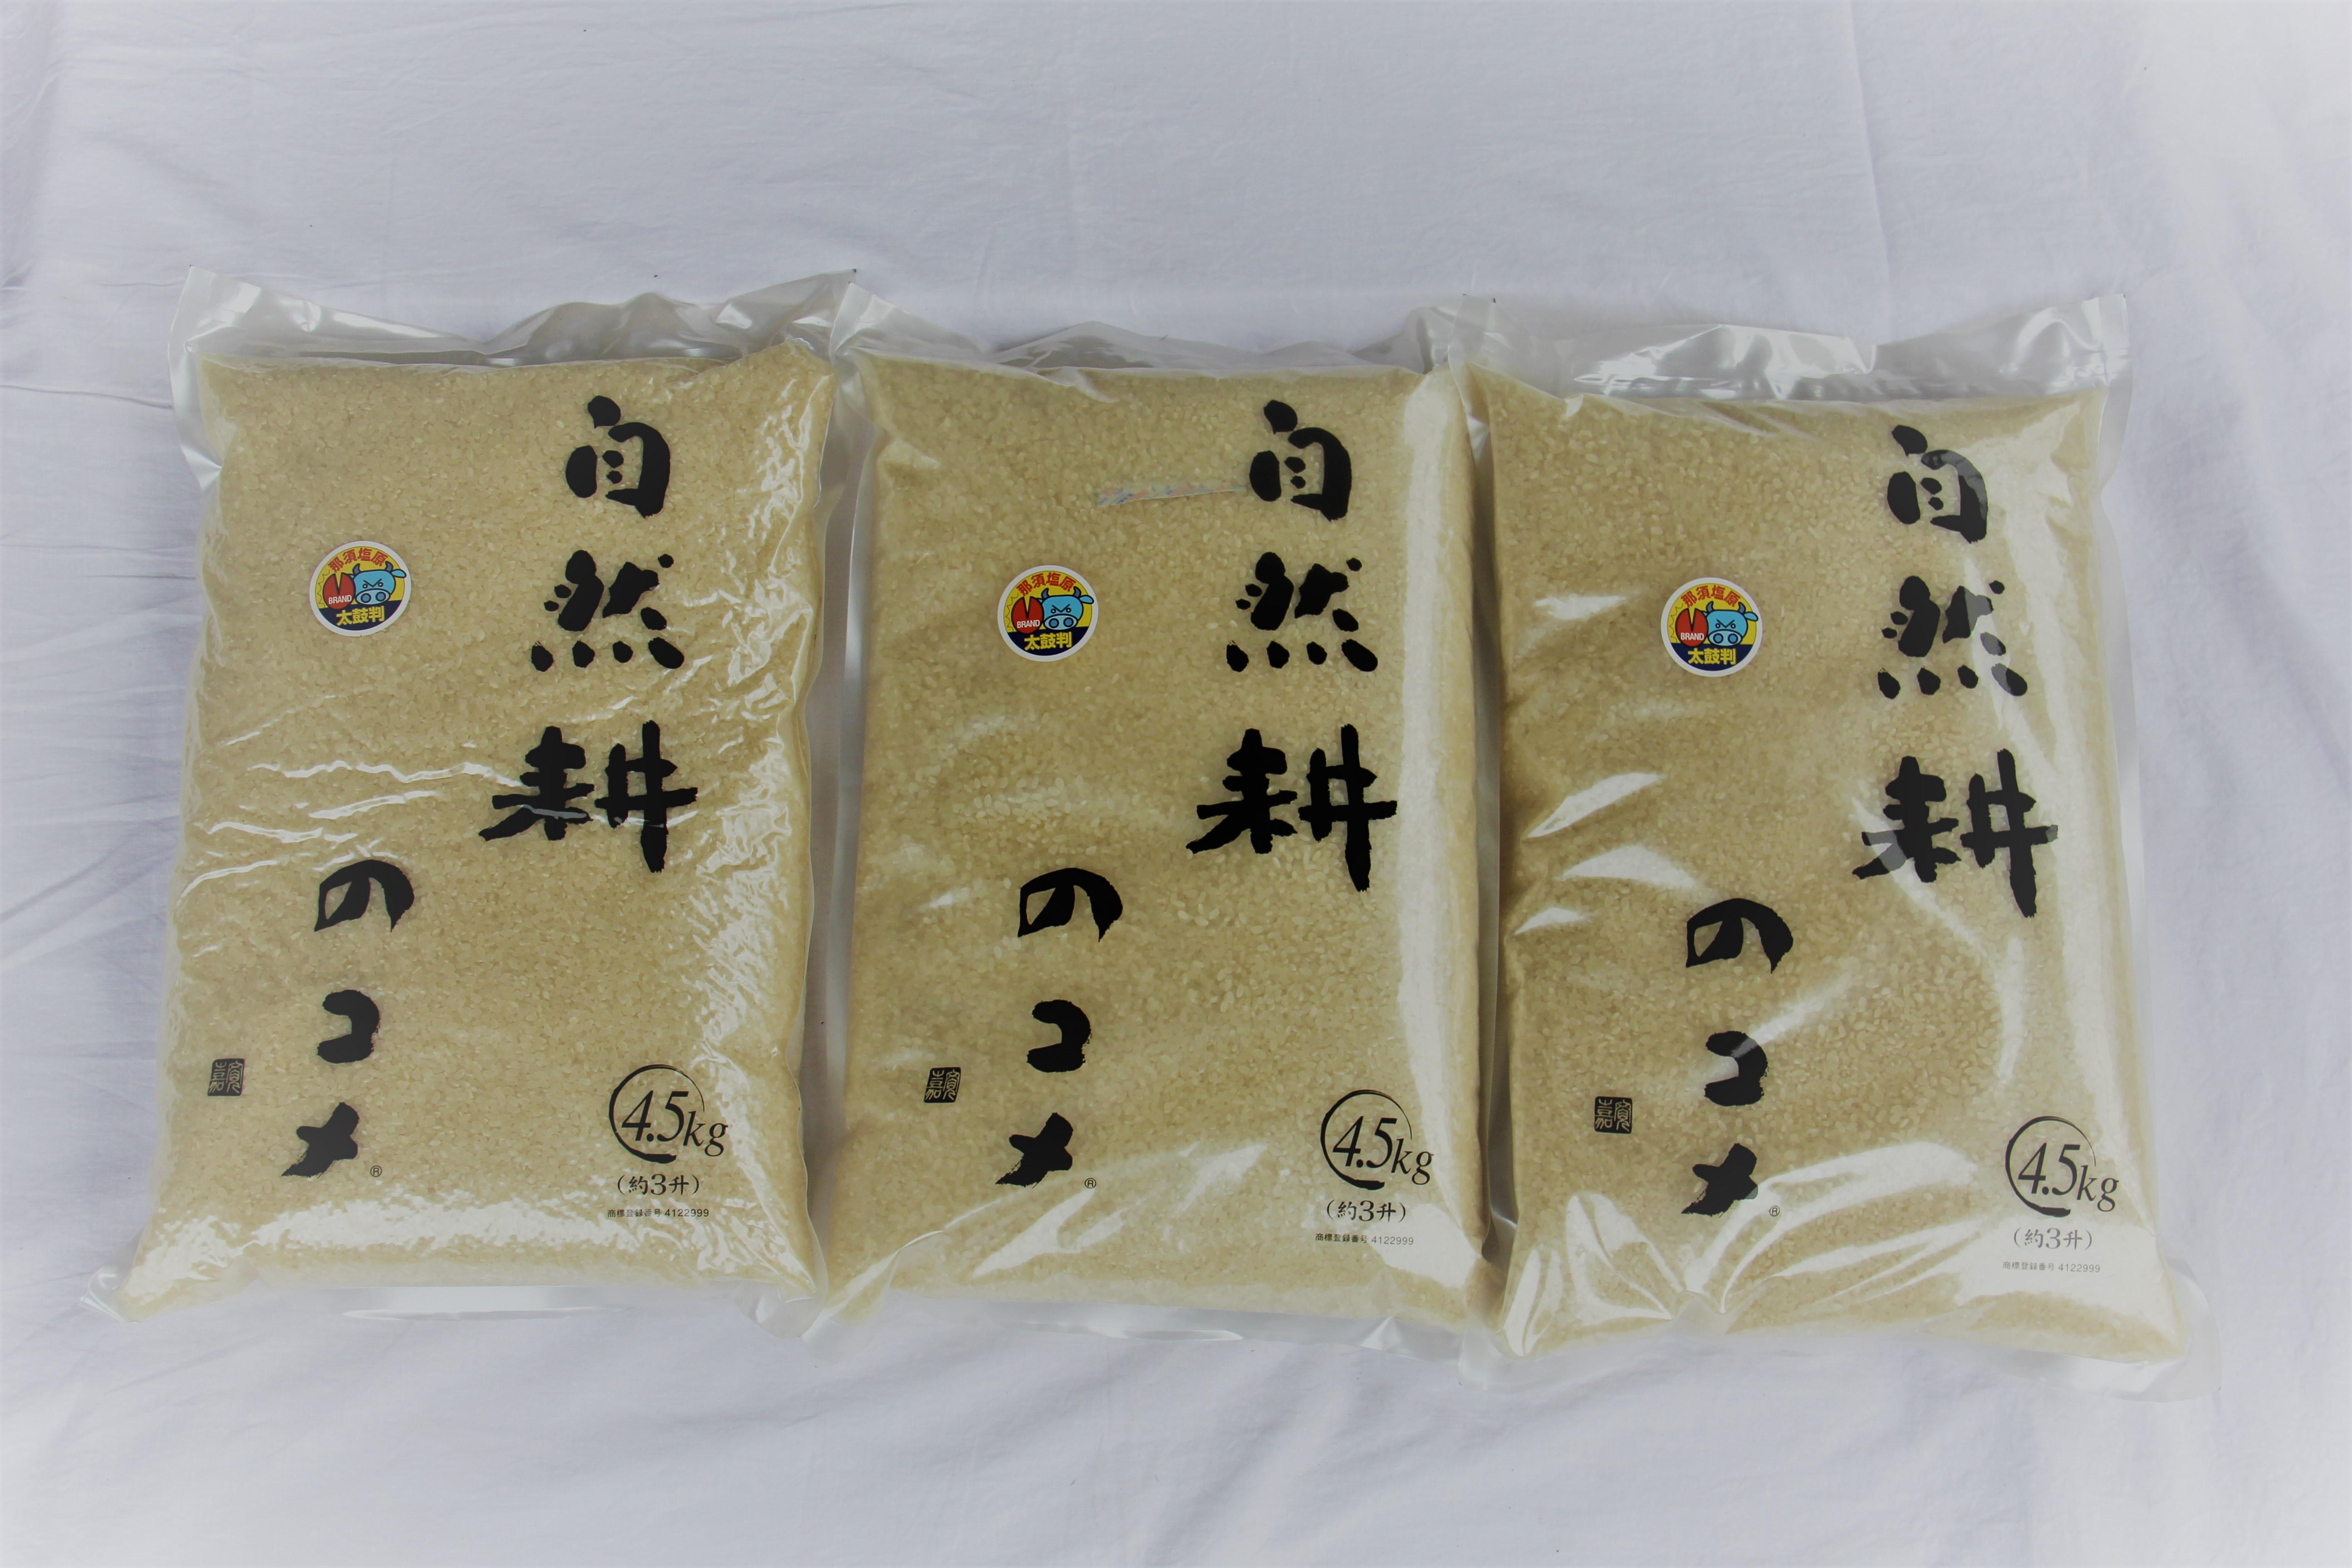 自然耕の米(精米) 13.5kg   ナスアグリ 那須塩原ブランド認定